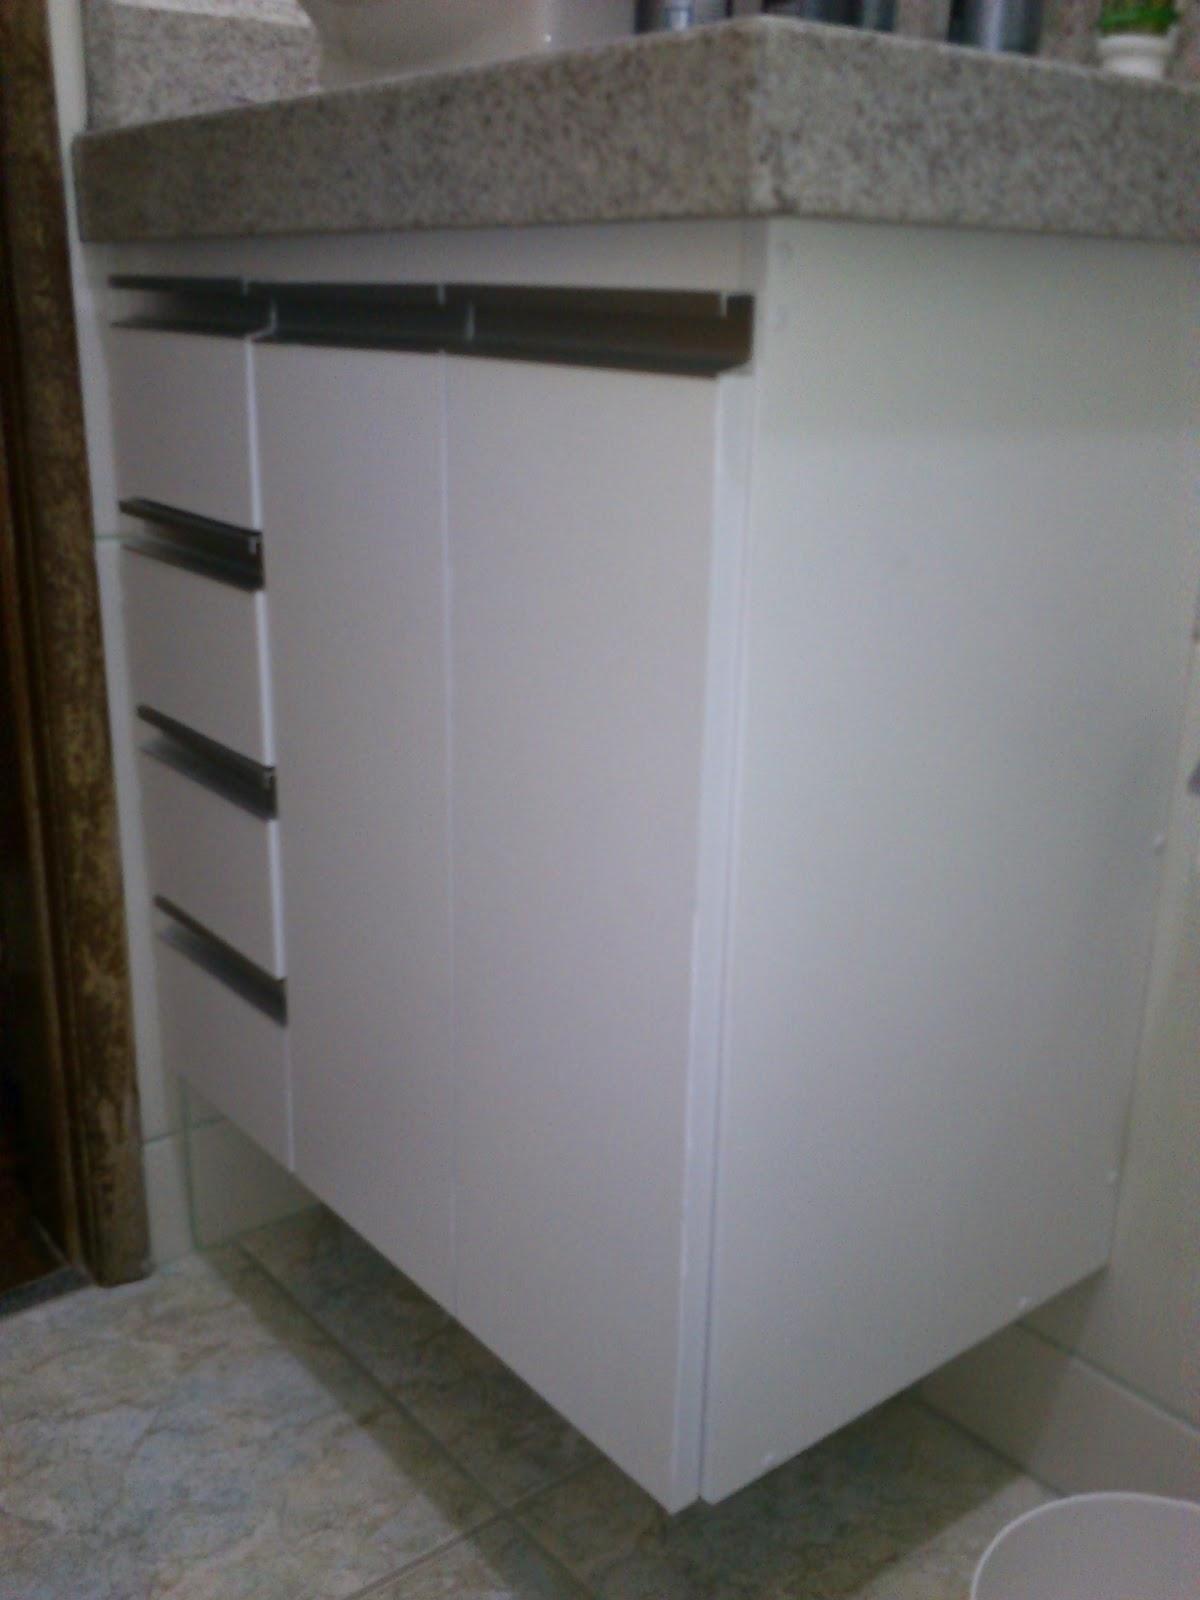 Lopes Armários Planejados: Armário para Banheiro (Padrão Branco  #363329 1200x1600 Armario Banheiro Aluminio